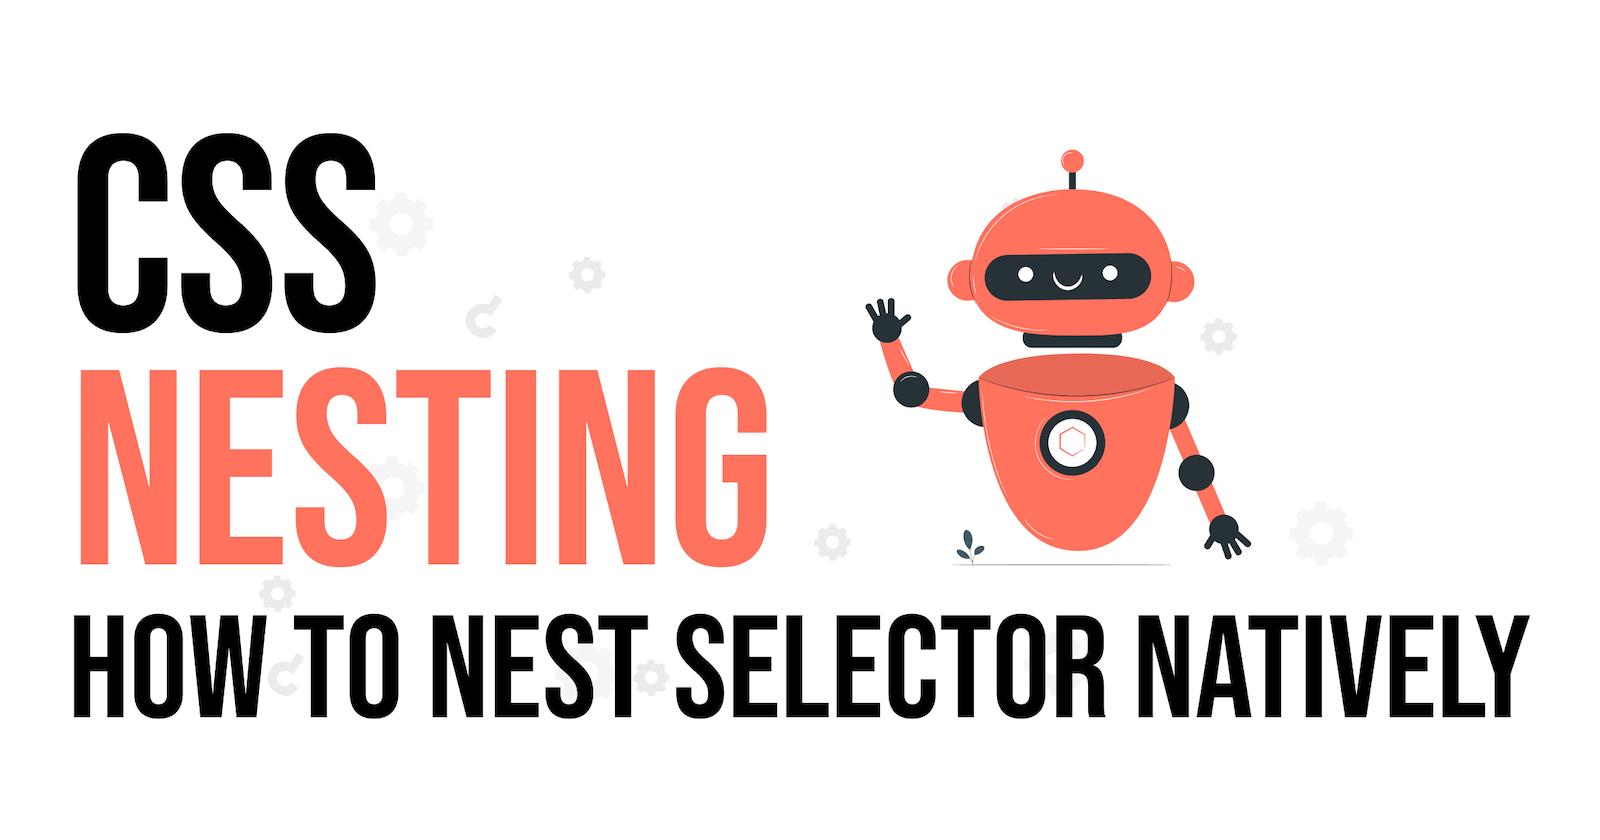 CSS Nesting